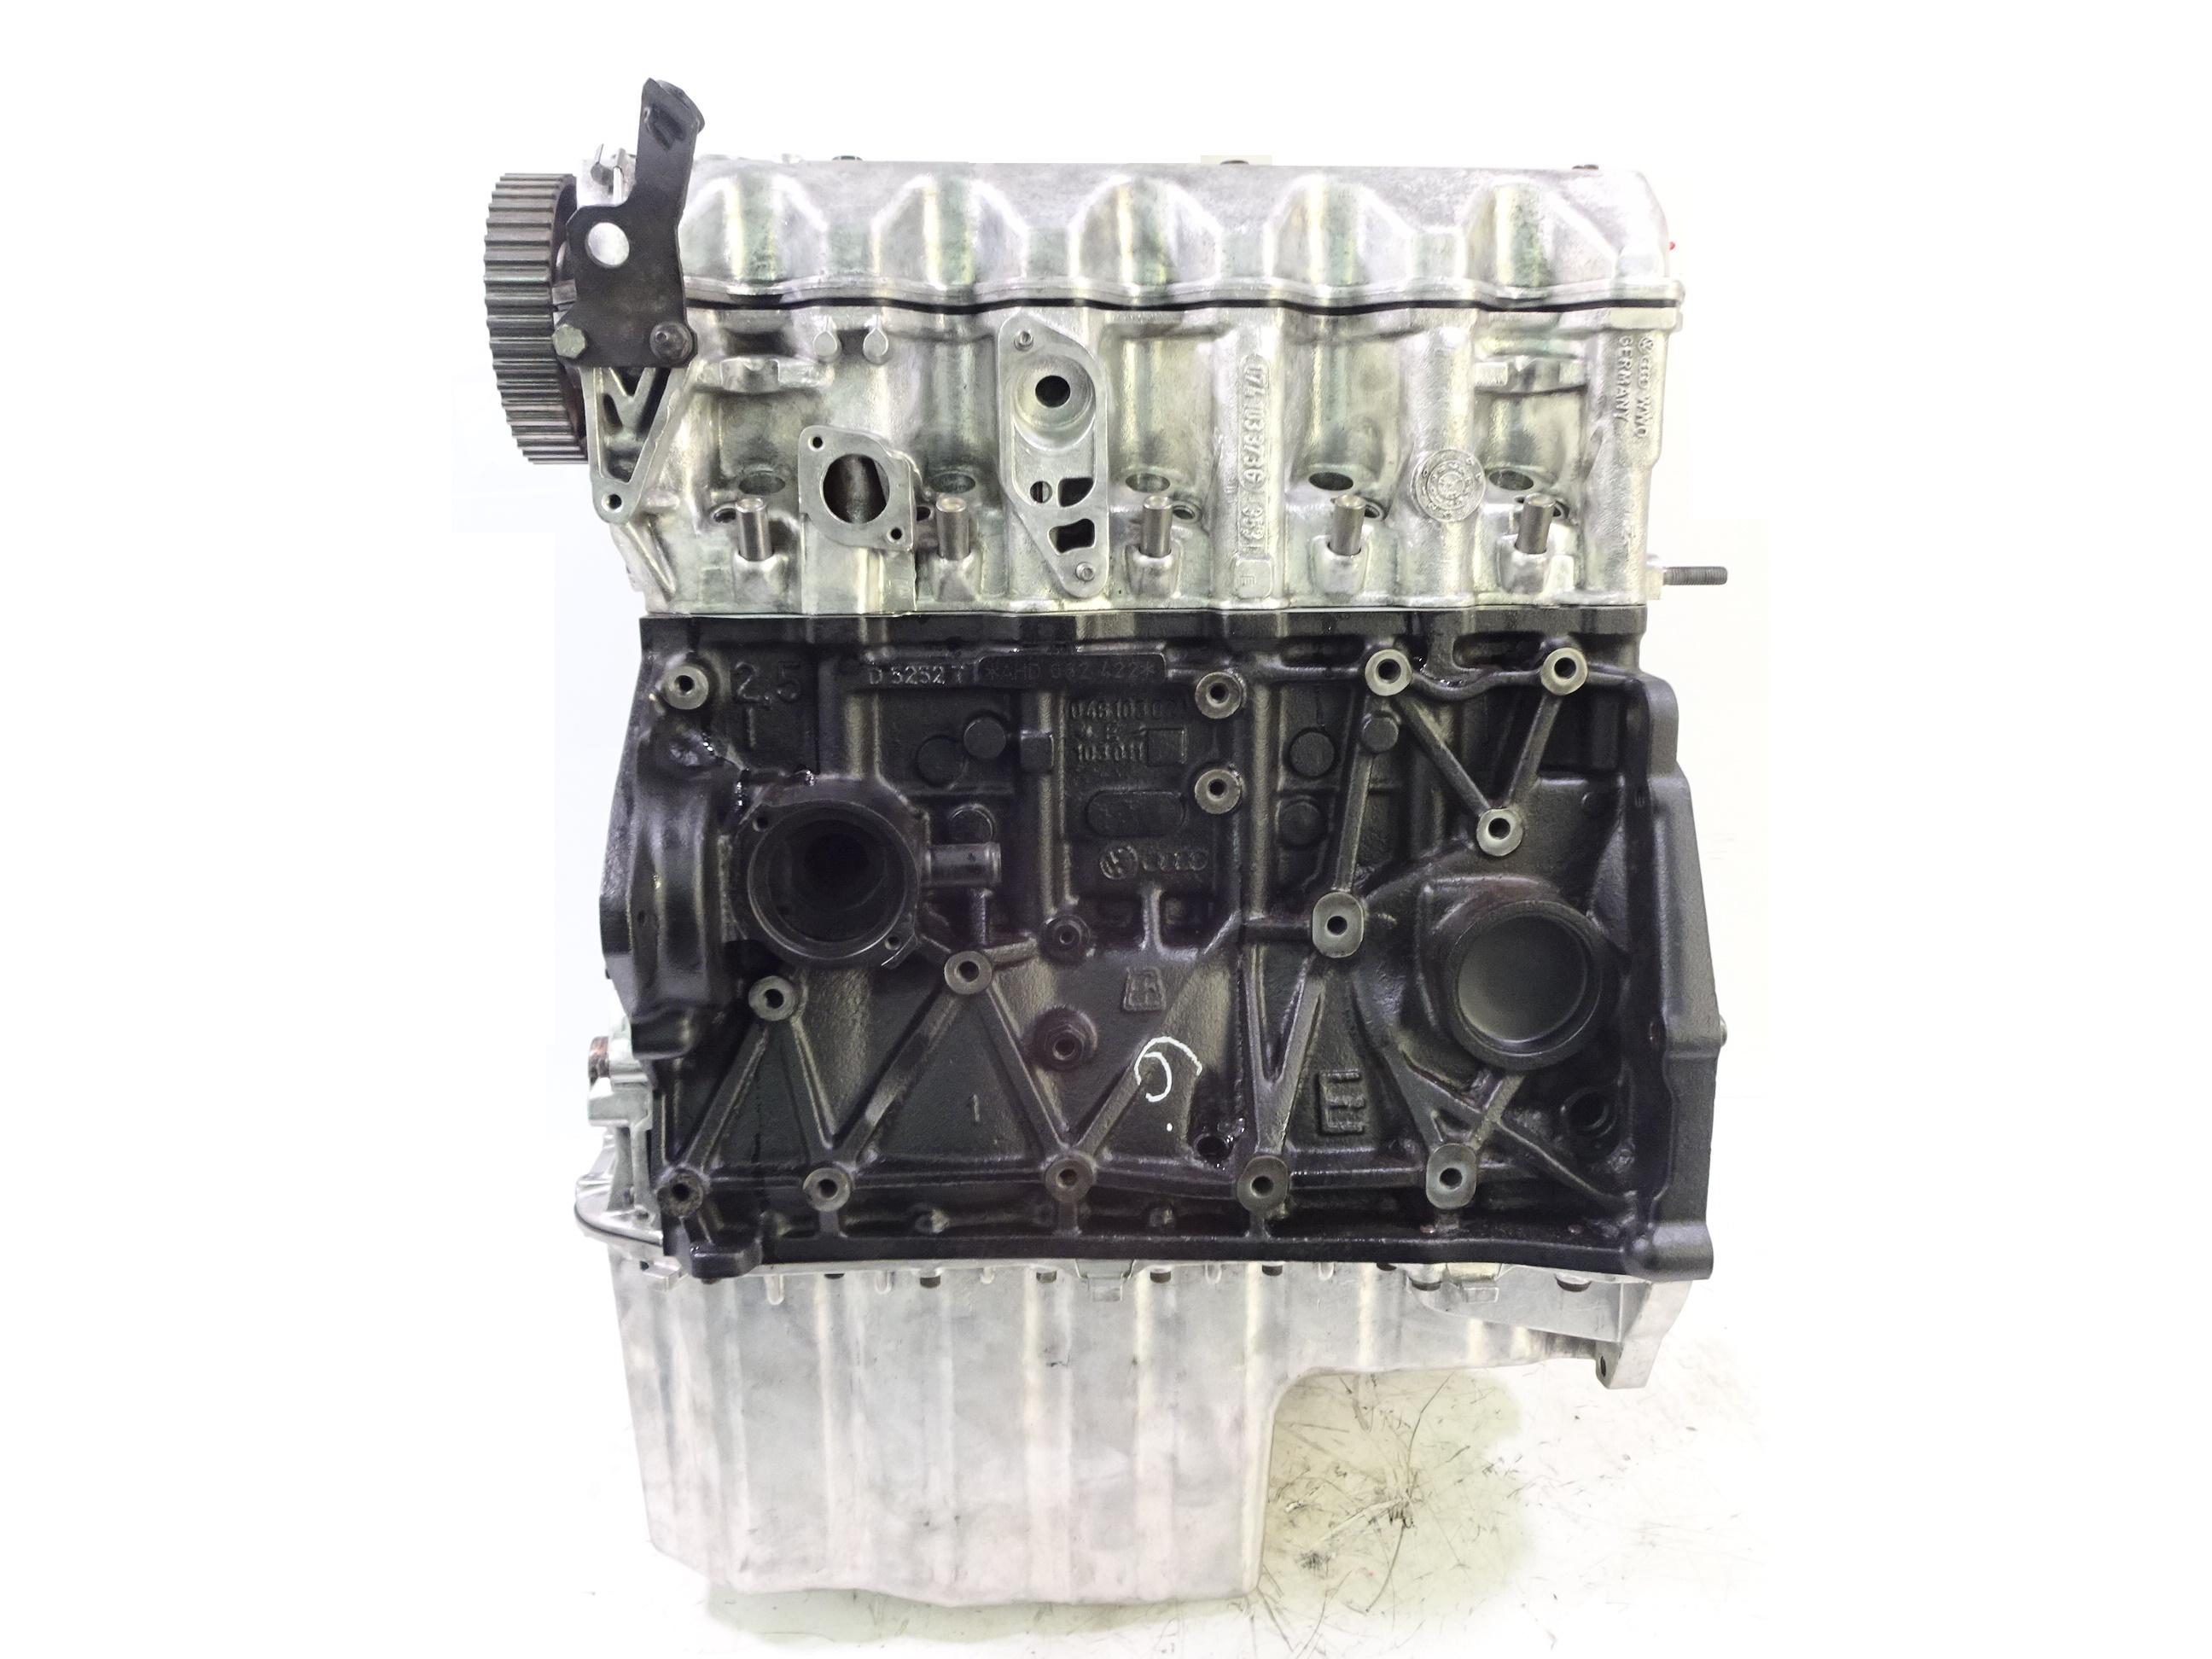 Motor 1998 VW LT 28-35 II 2,5 TDI Diesel AHD 102 PS Kopf geplant Dichtung NEU